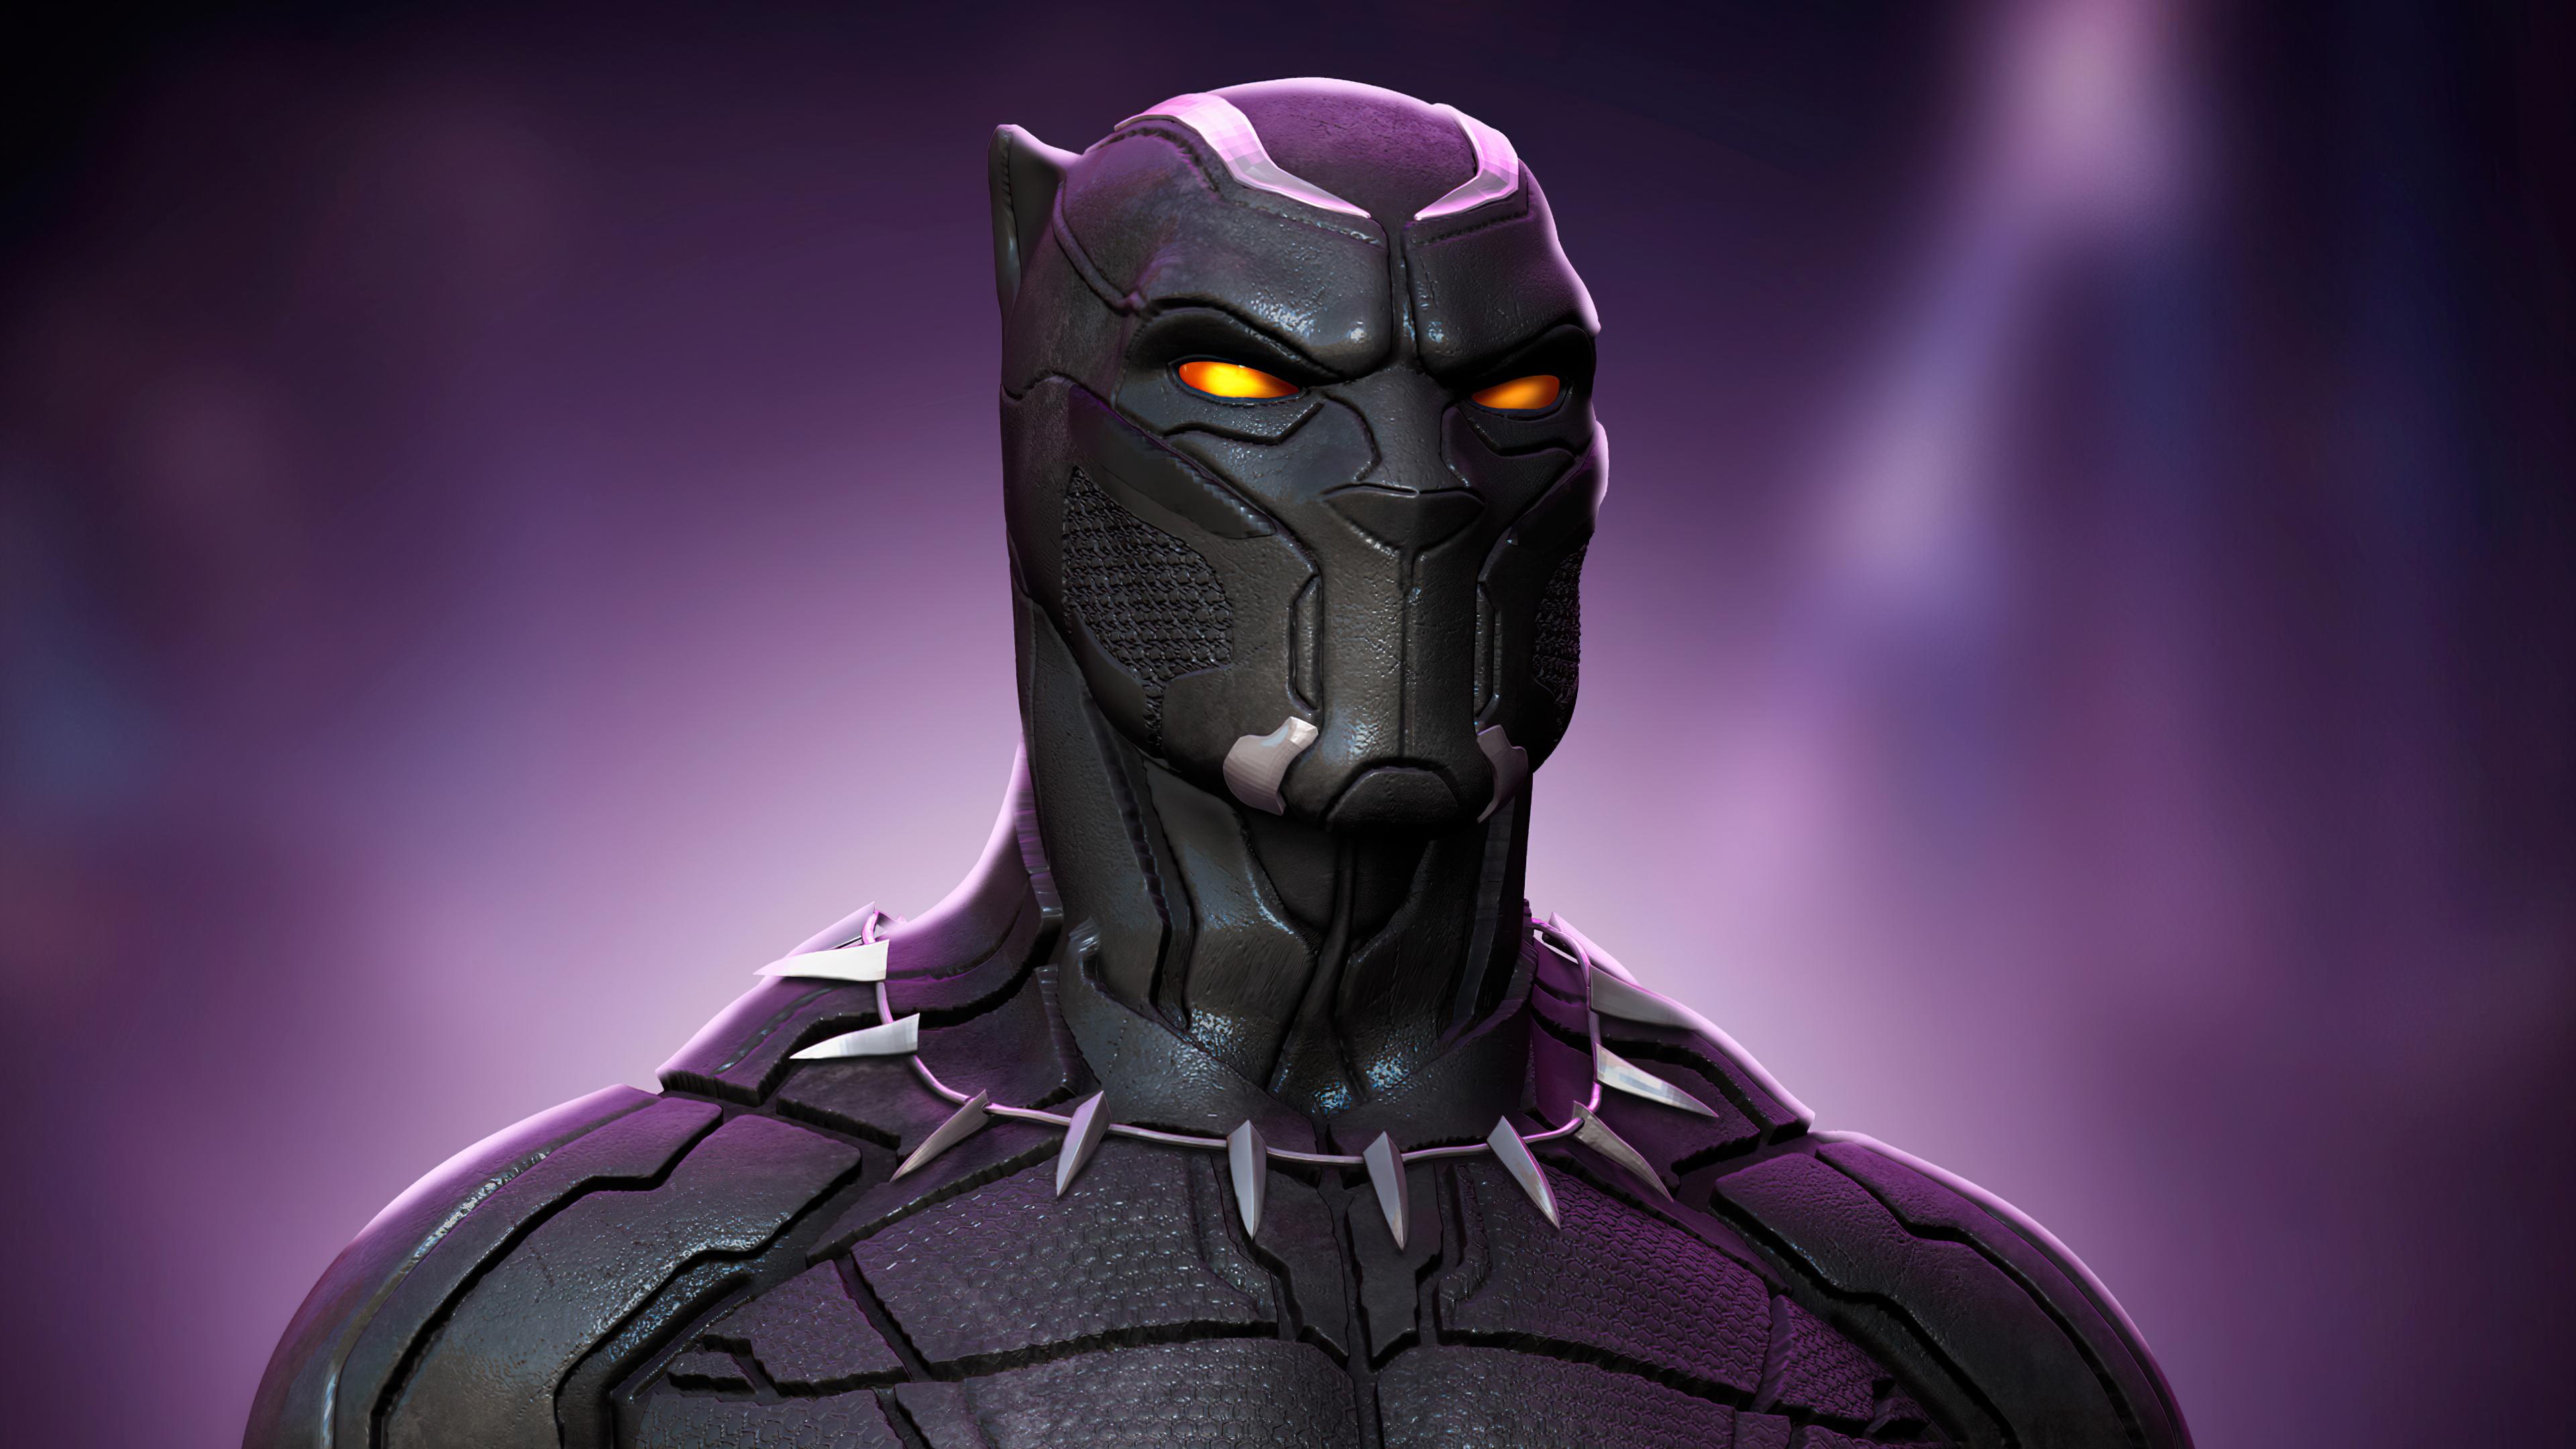 black panther glowing eyes 4k 1616957339 - Black Panther Glowing Eyes 4k - Black Panther Glowing Eyes 4k wallpapers